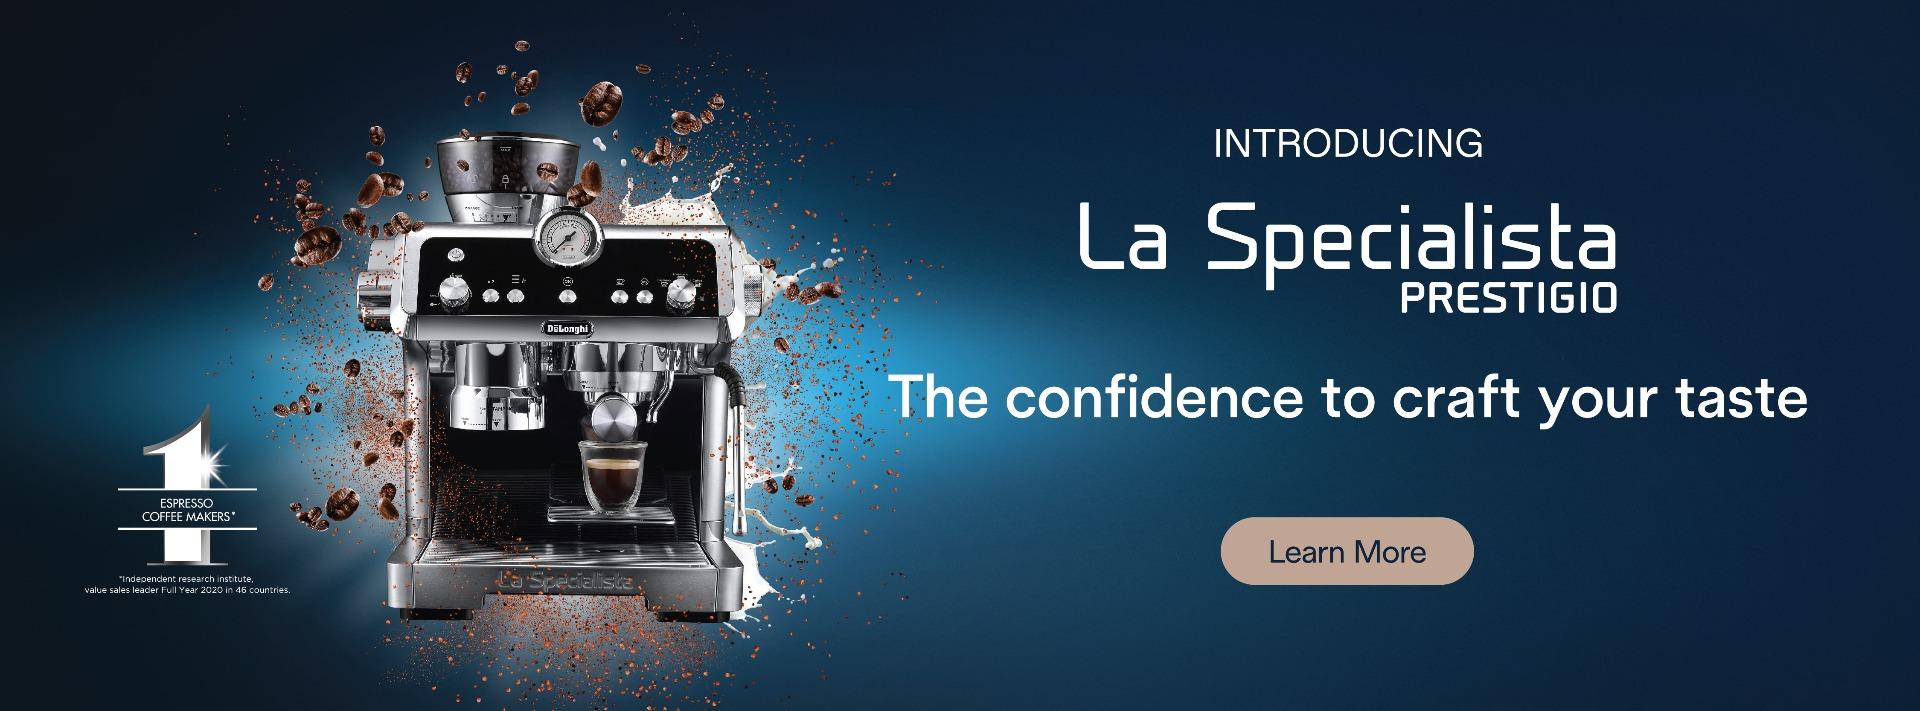 Introducing the La Specialista Prestigio